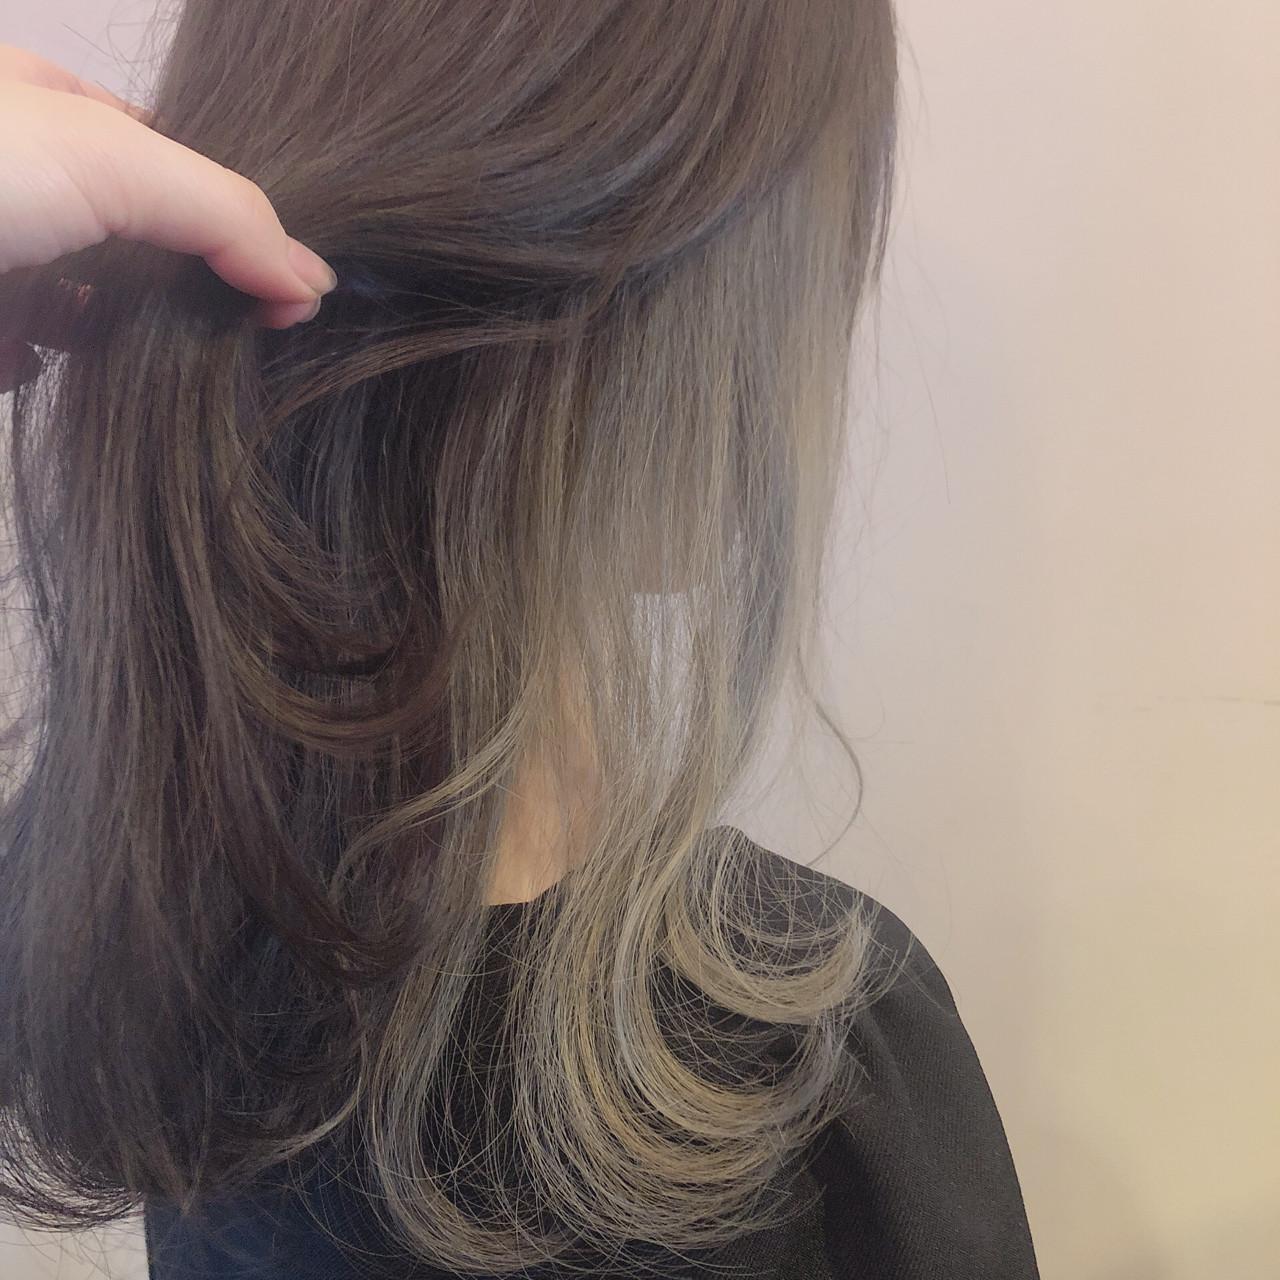 ミディアム インナーカラー グレージュ ガーリー ヘアスタイルや髪型の写真・画像 | 多田 朱音 / JLB